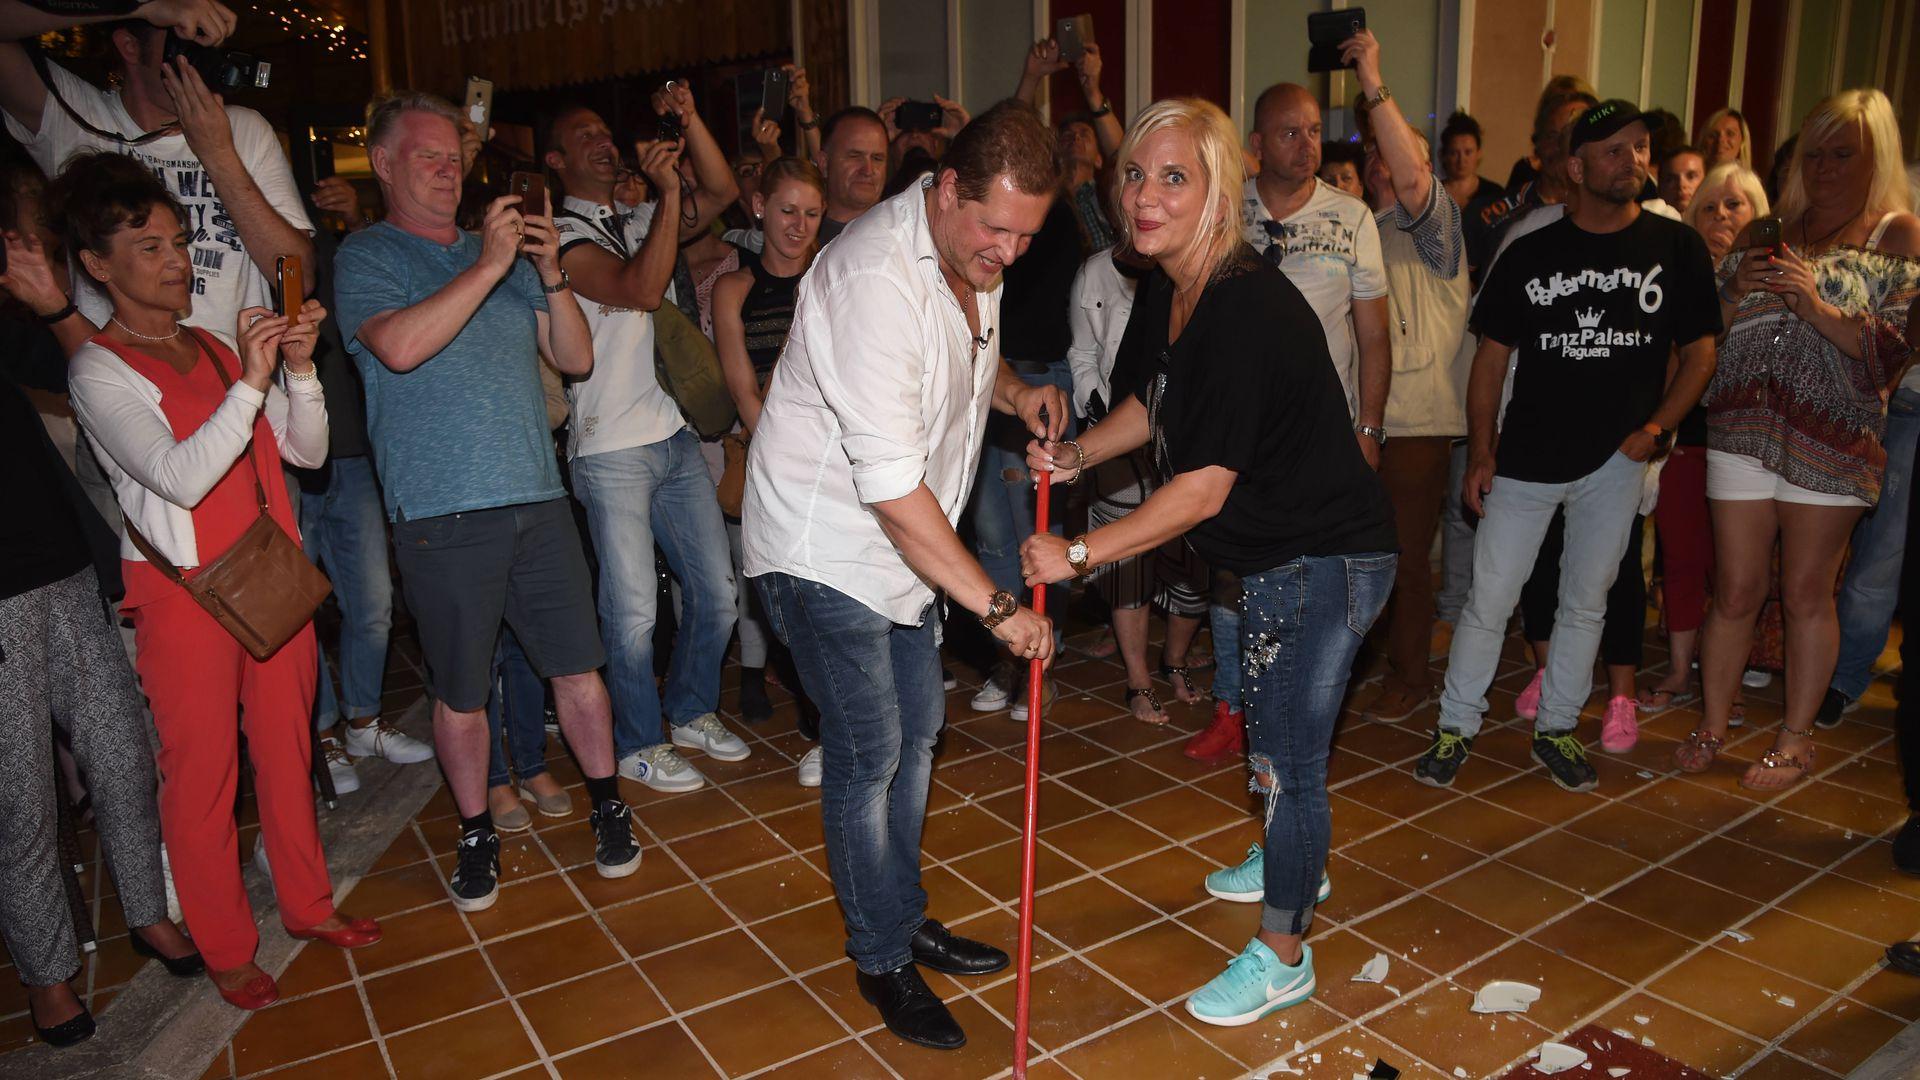 Sause oder Pleite: Malle-Jens\' Polterabend reines Fan-Event ...